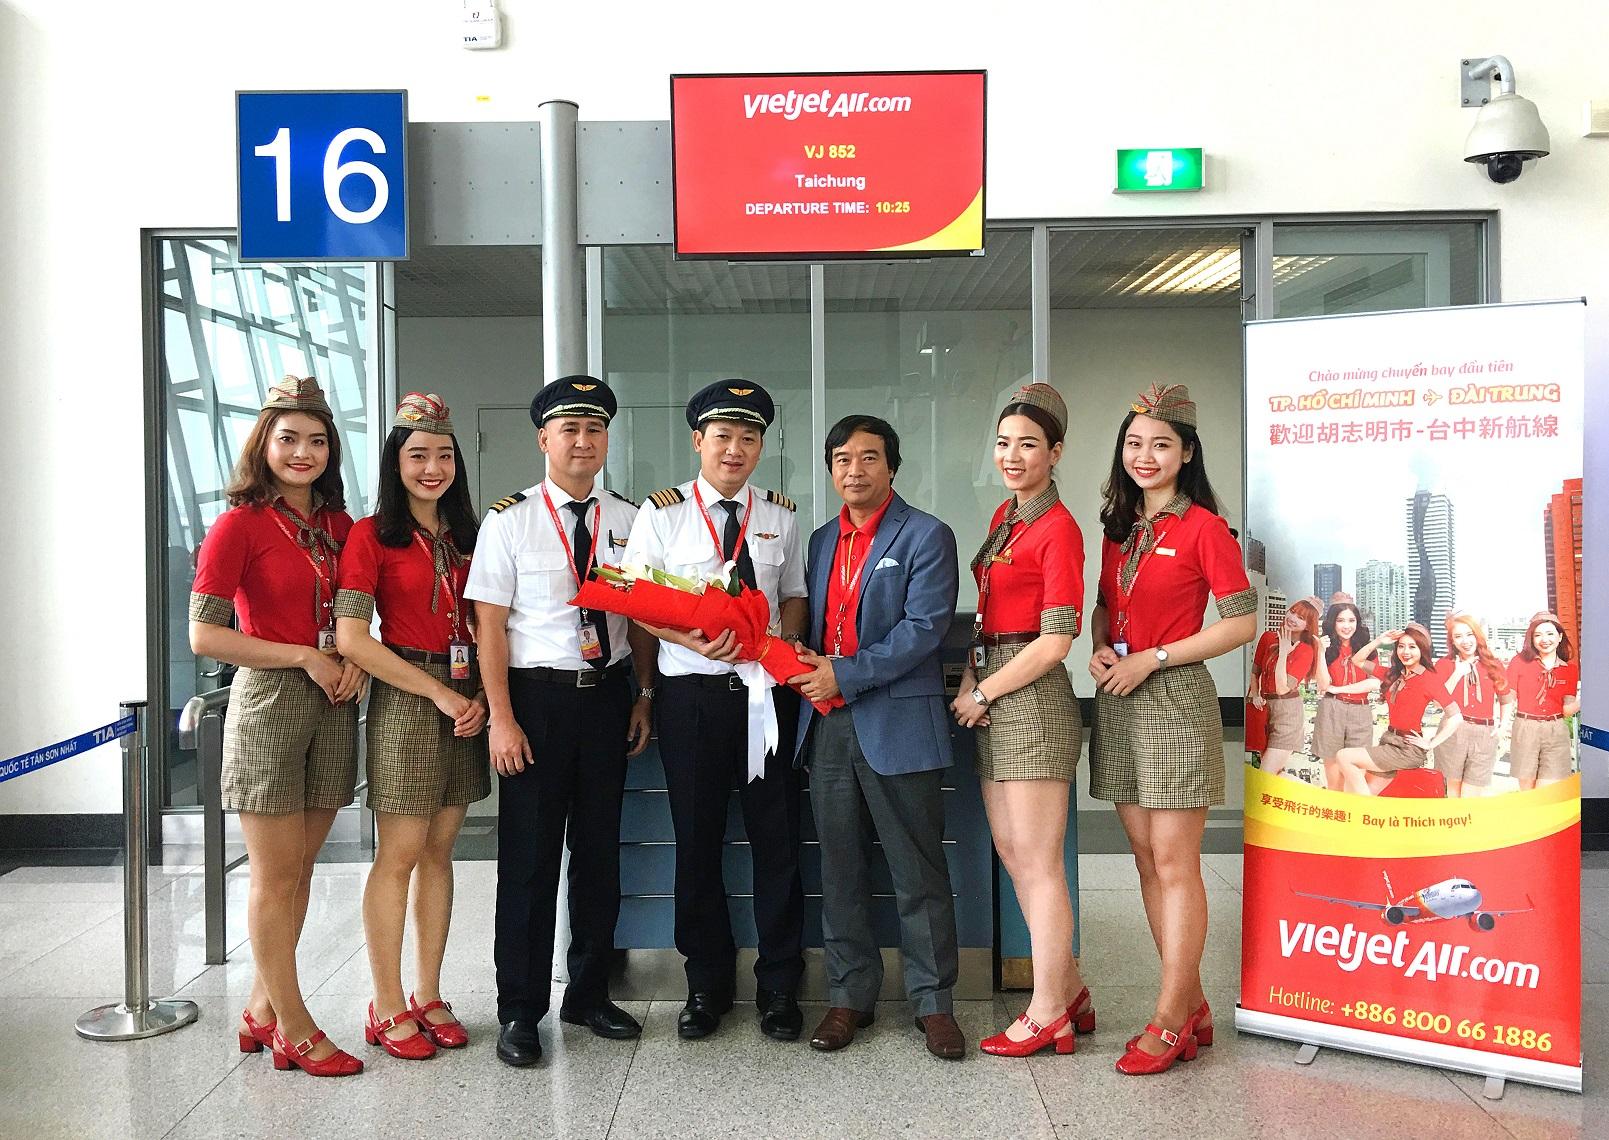 inaugural-flight-connecting-ho-chi-minh-city-and-taichung